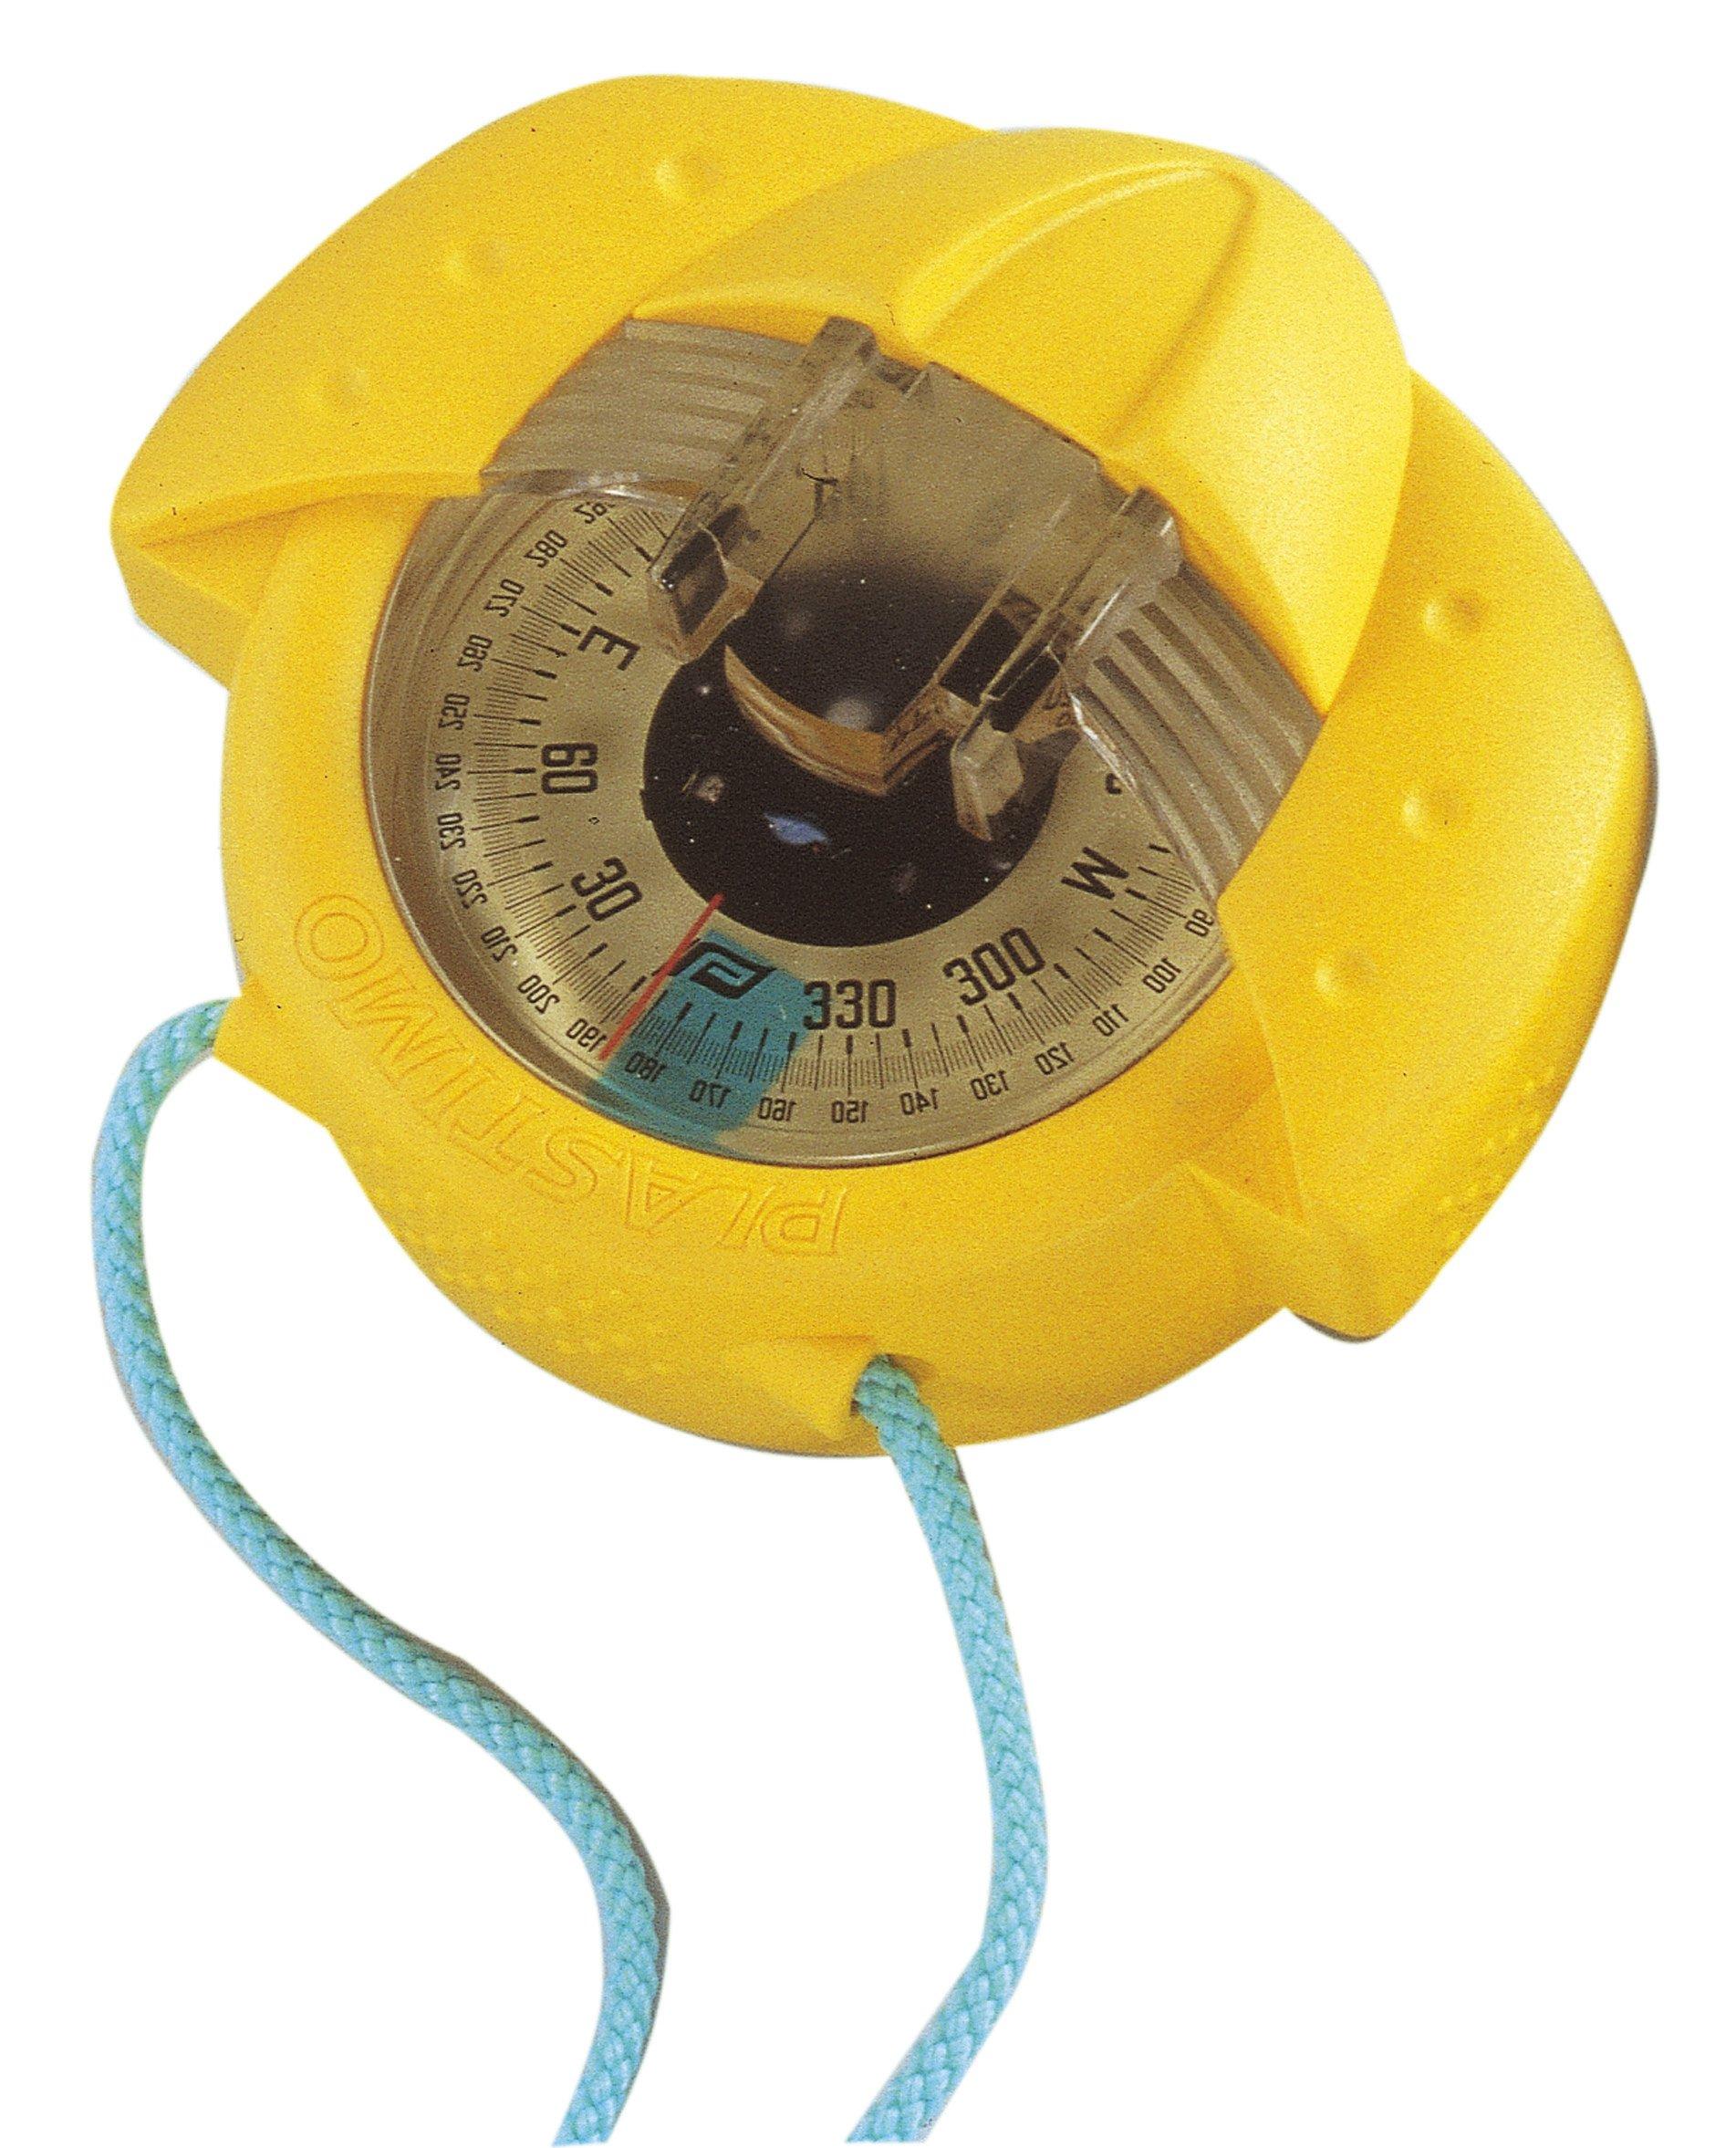 Plastimo Iris 50 Handheld Hand Bearing Compass - Yellow